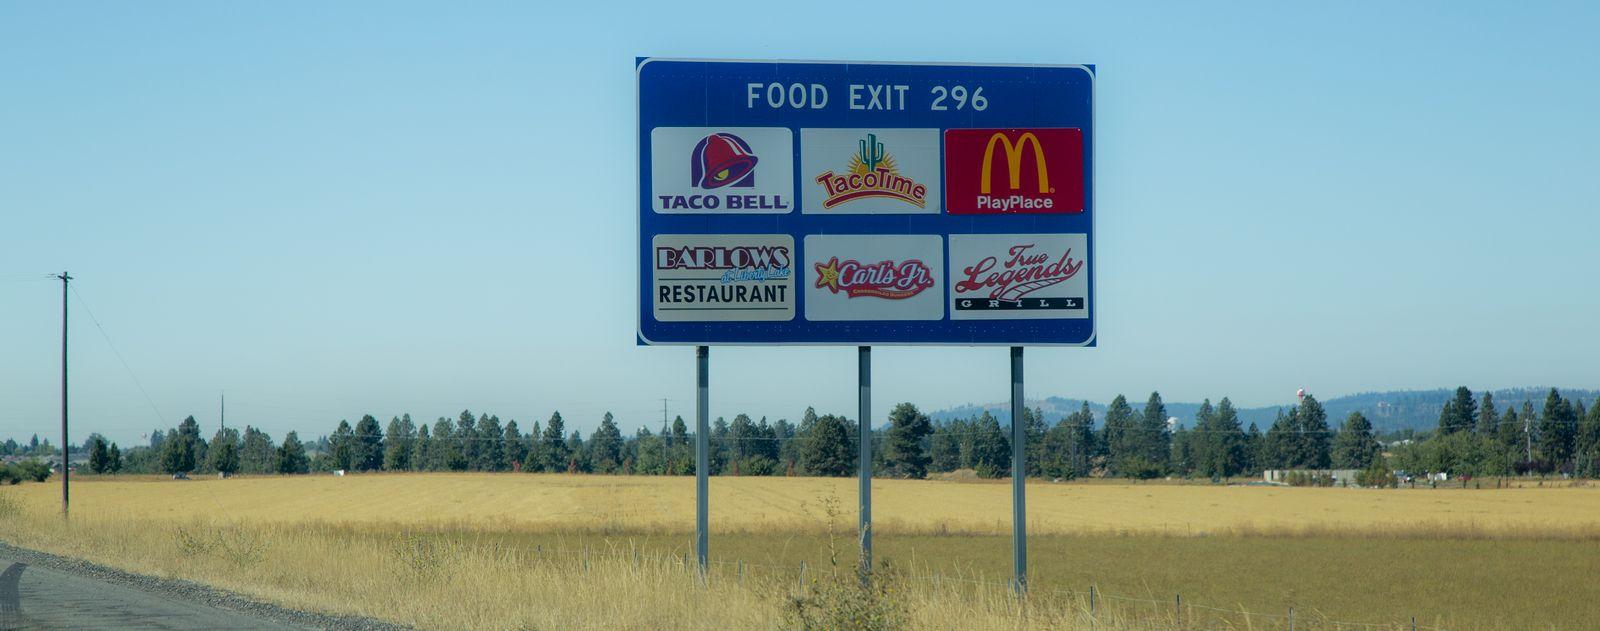 Ni una sola carretera estadounidense sin su concentración de comida basura